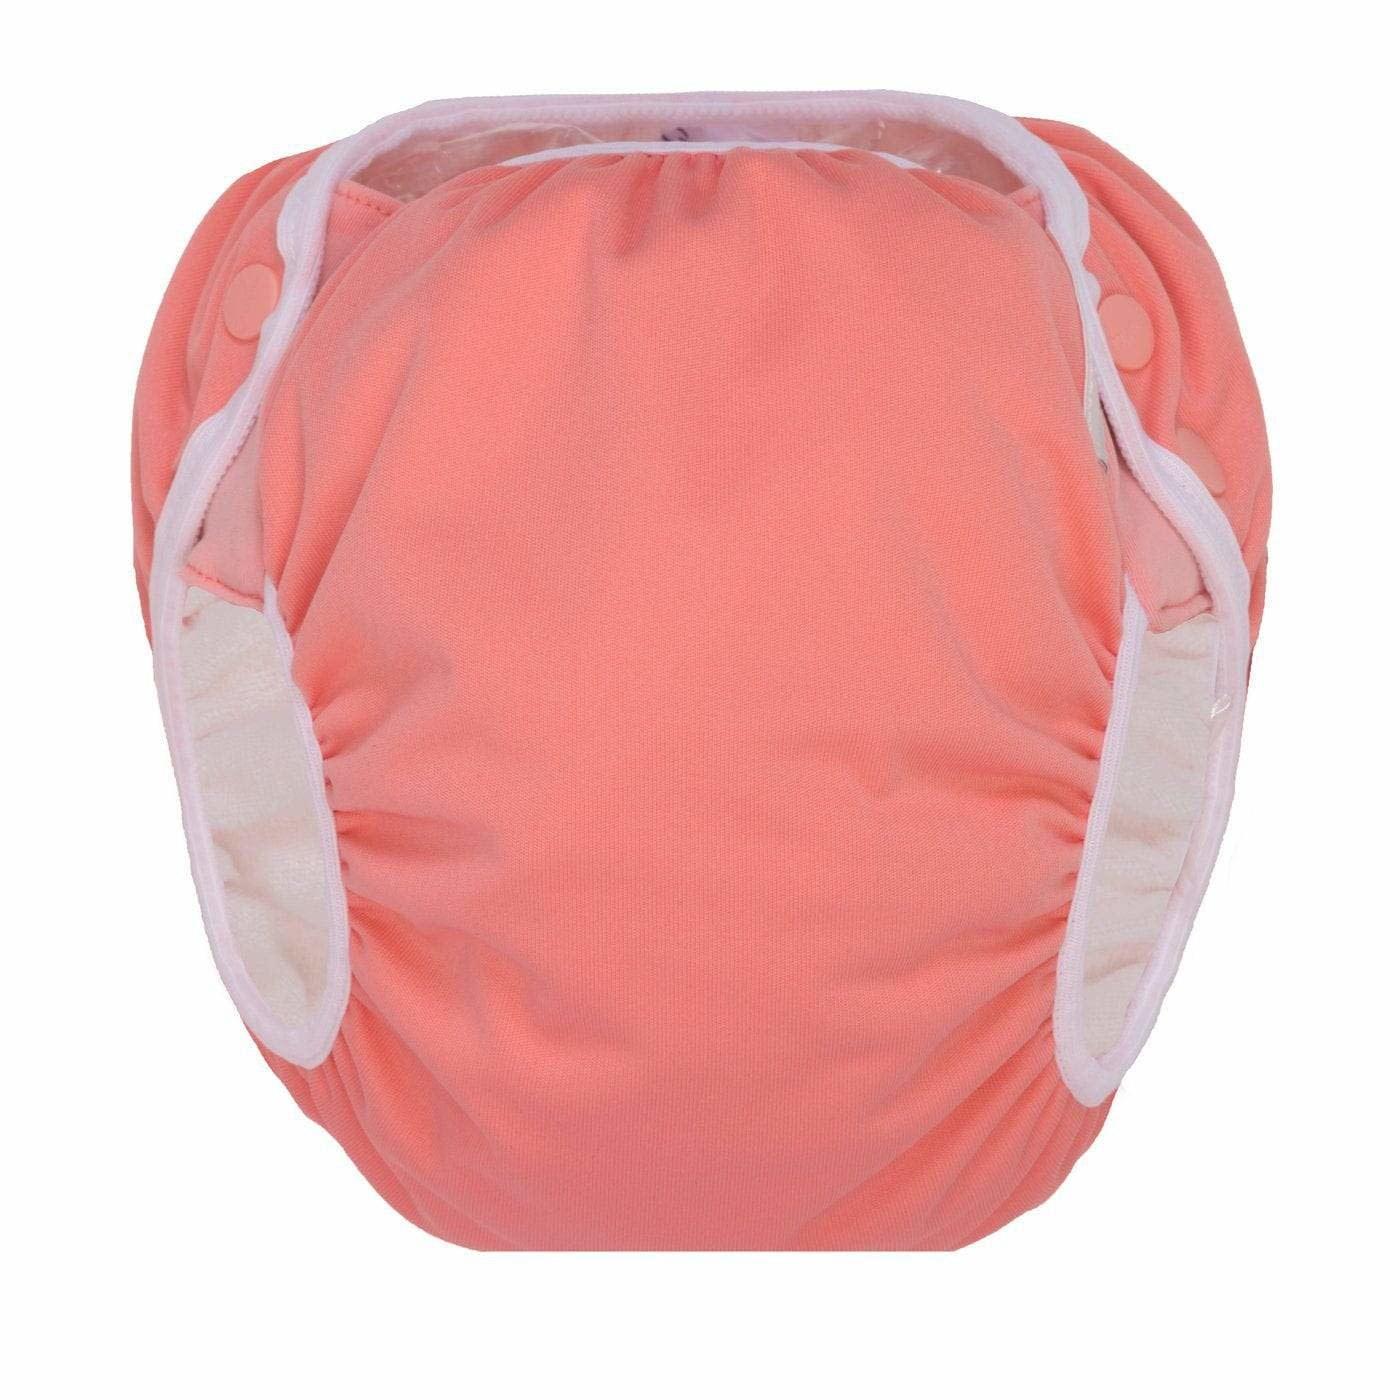 GroVia Rose Swim Diaper